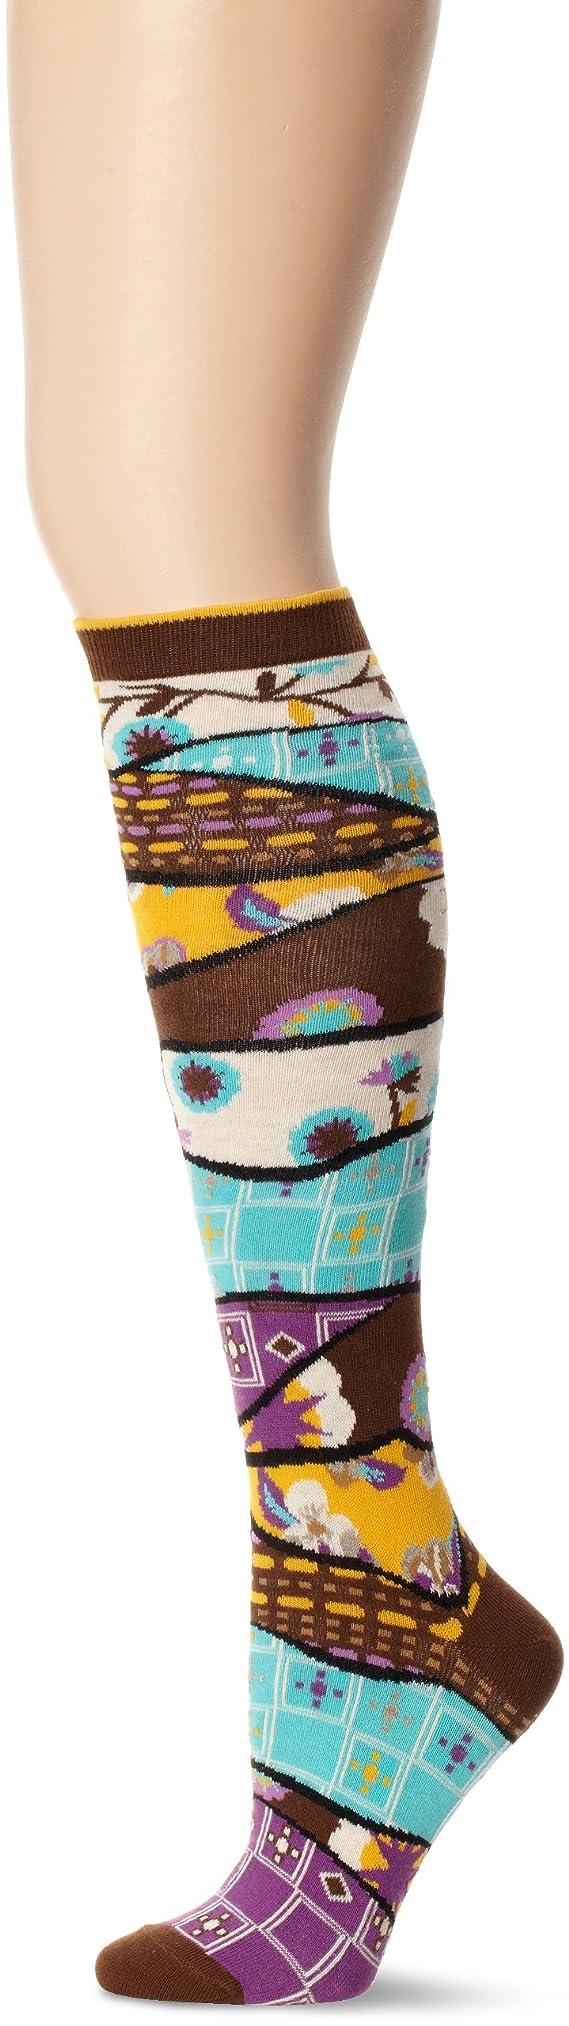 Ozone Women's Quilt Pile Socks